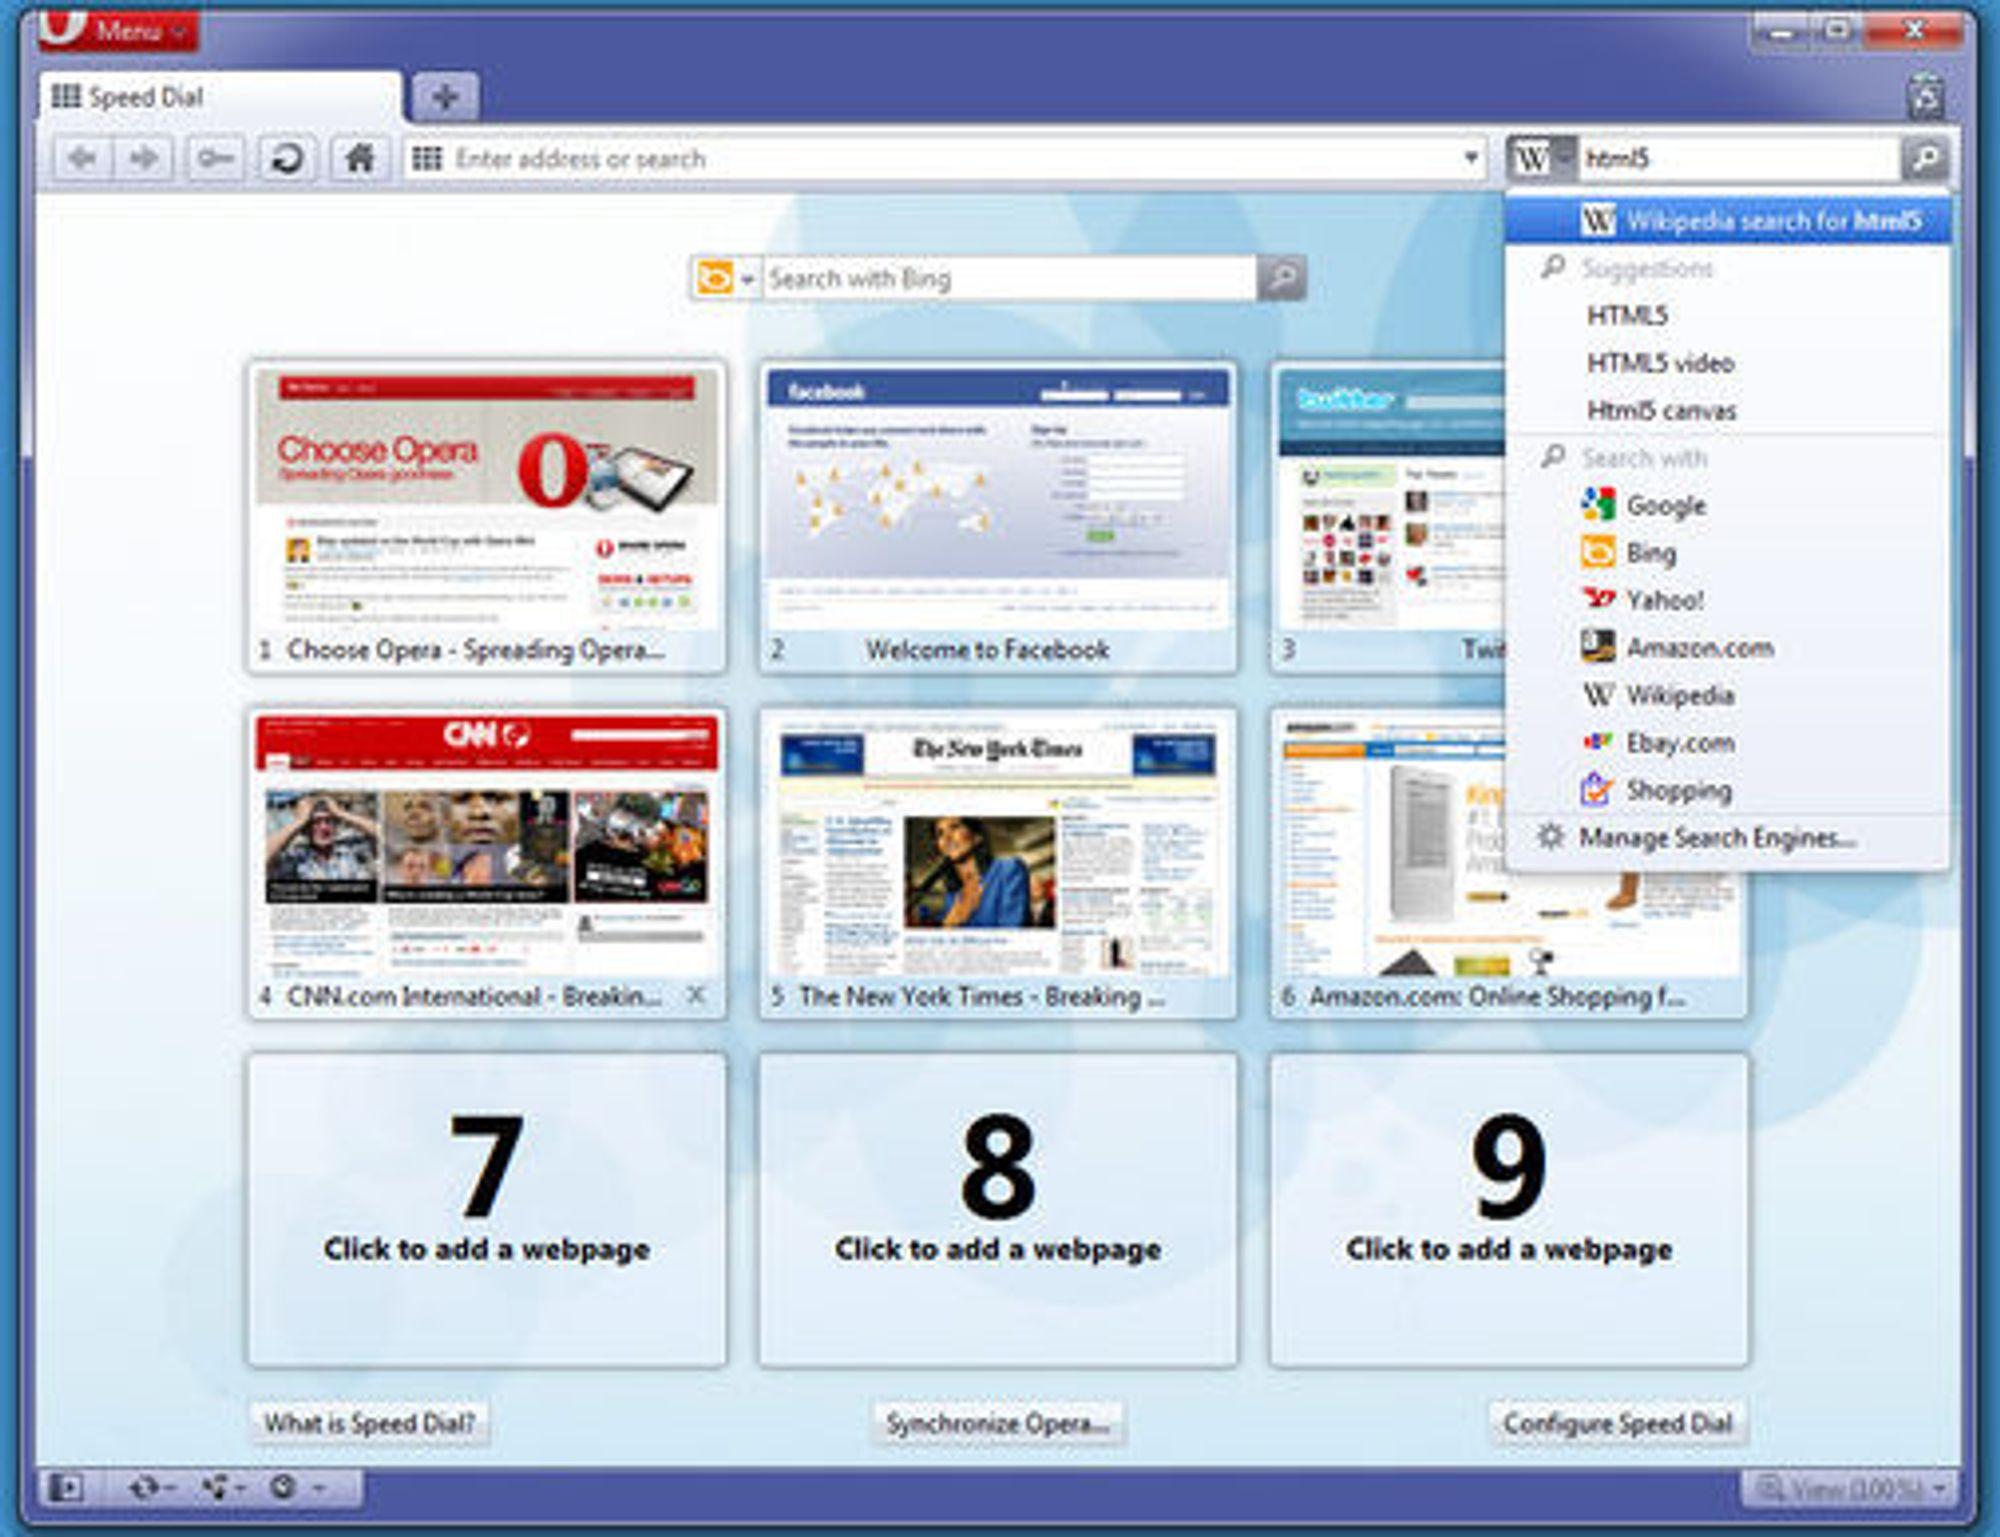 Både Speed Dial og søkefeltet blir forbedret i Opera 10.60.